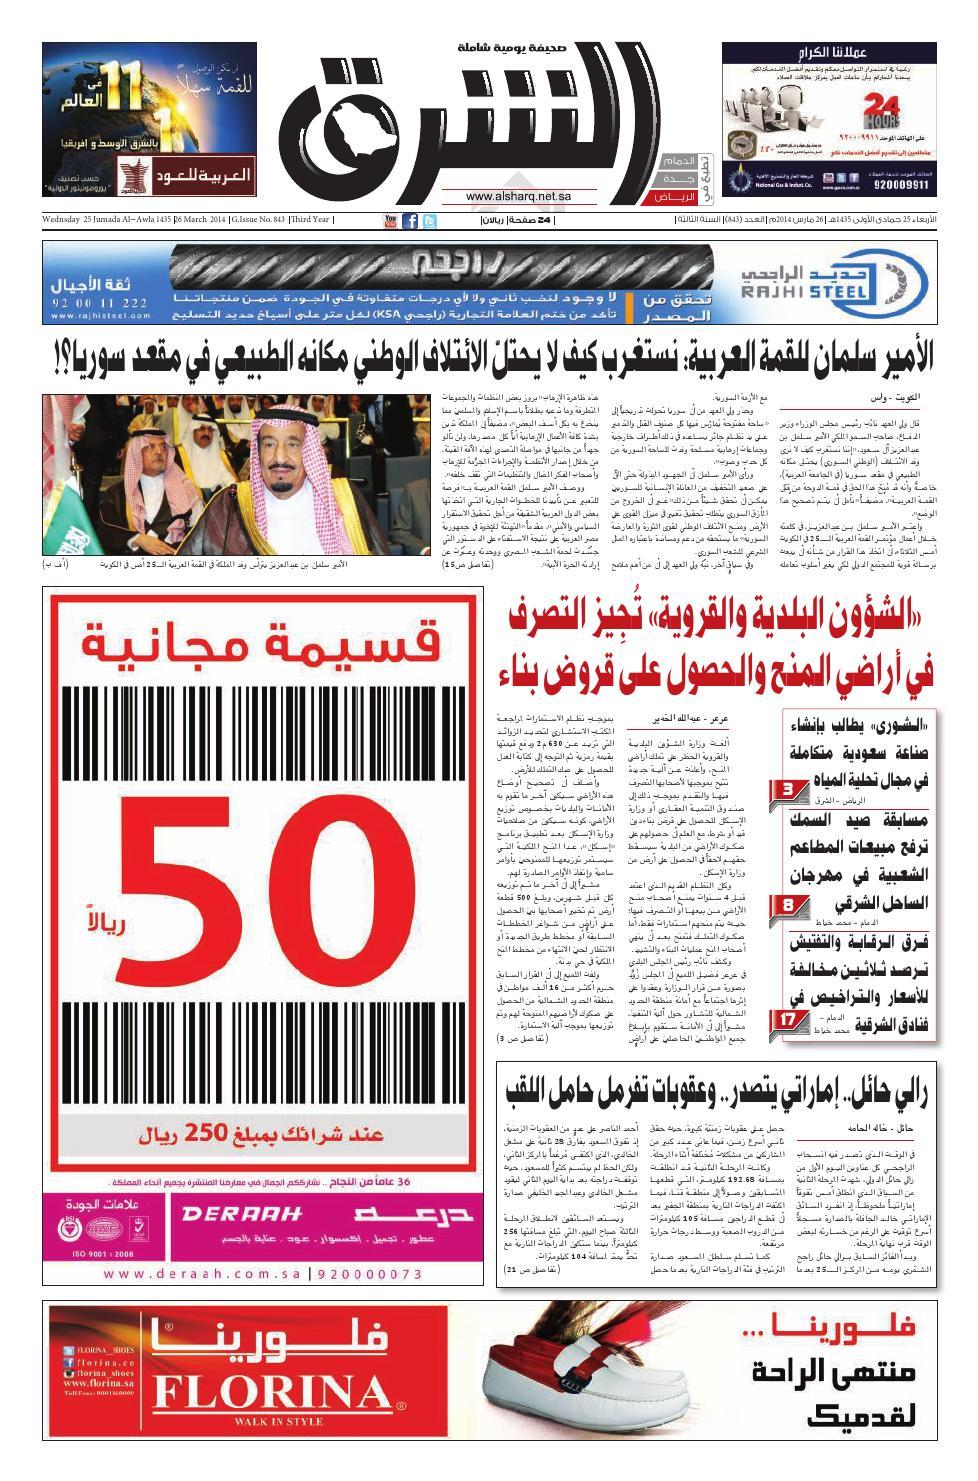 صحيفة الشرق العدد 843 نسخة الرياض By صحيفة الشرق السعودية Issuu